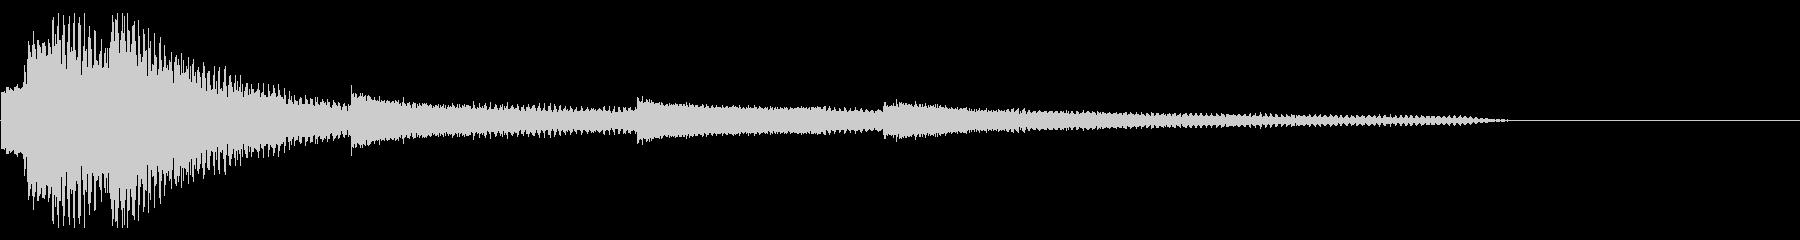 綺麗で美しいピアノのサウンドロゴの未再生の波形